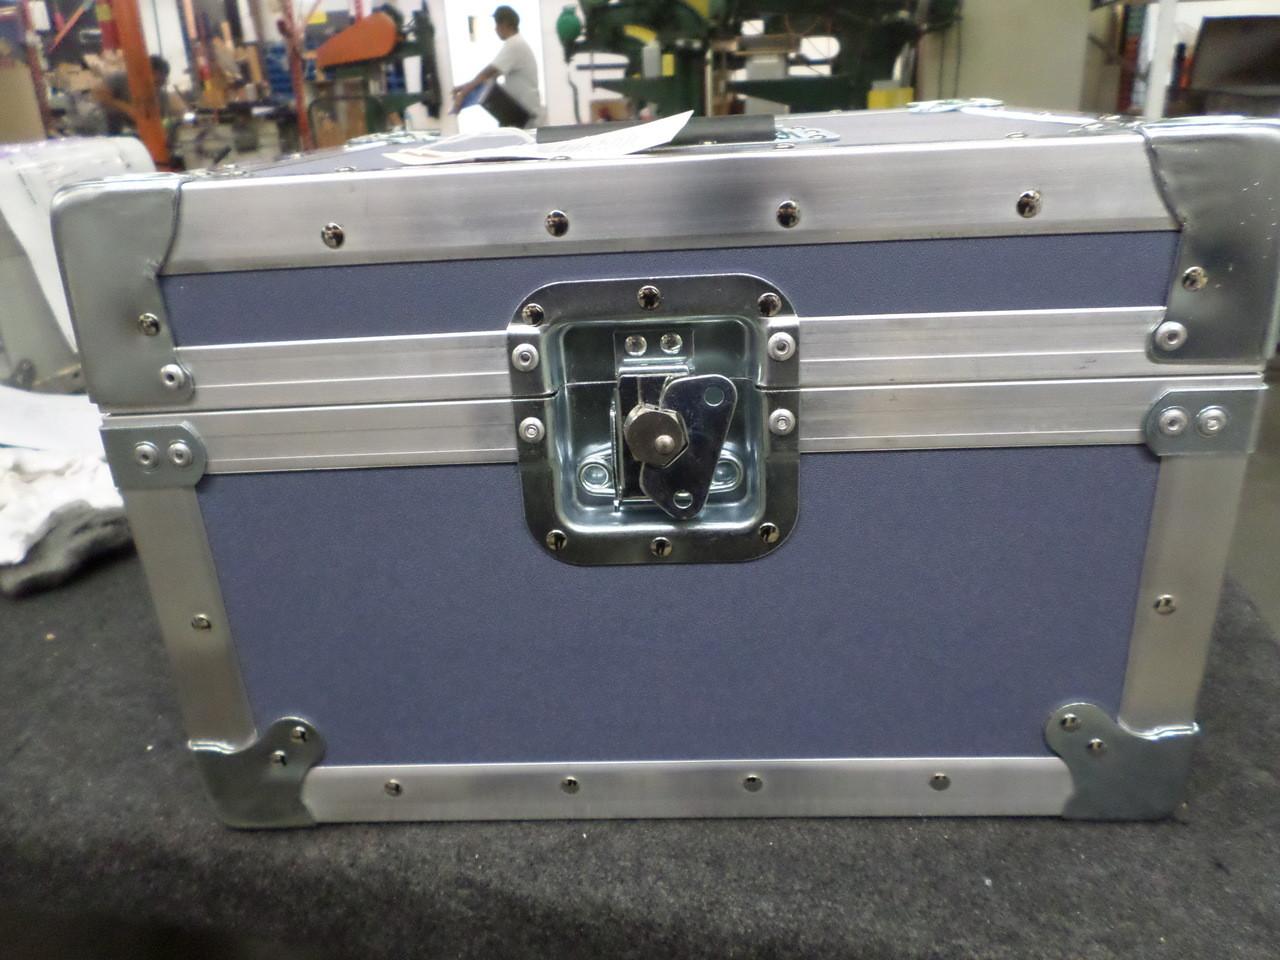 Cooke S7/i Full Frame Plus Primes T2.0 (16mm & 21mm)